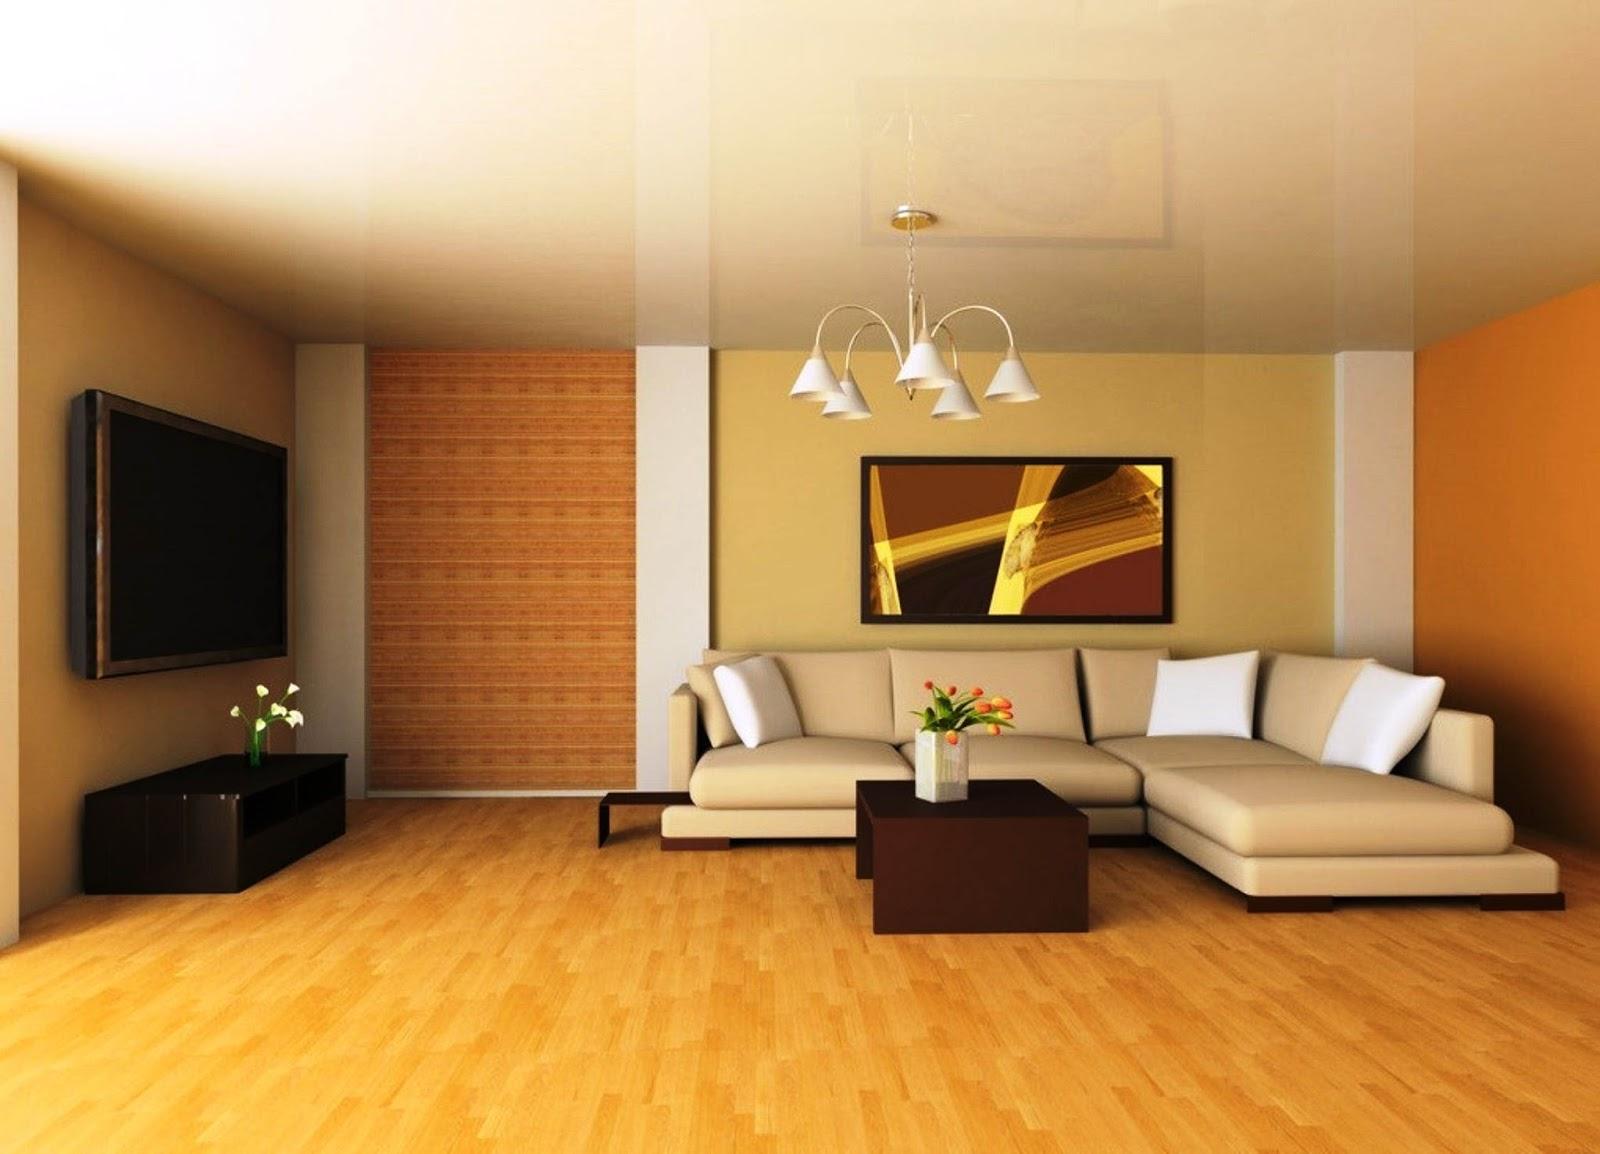 Cat Dinding Ruang Tamu Modern Warna Kuning dan Orange